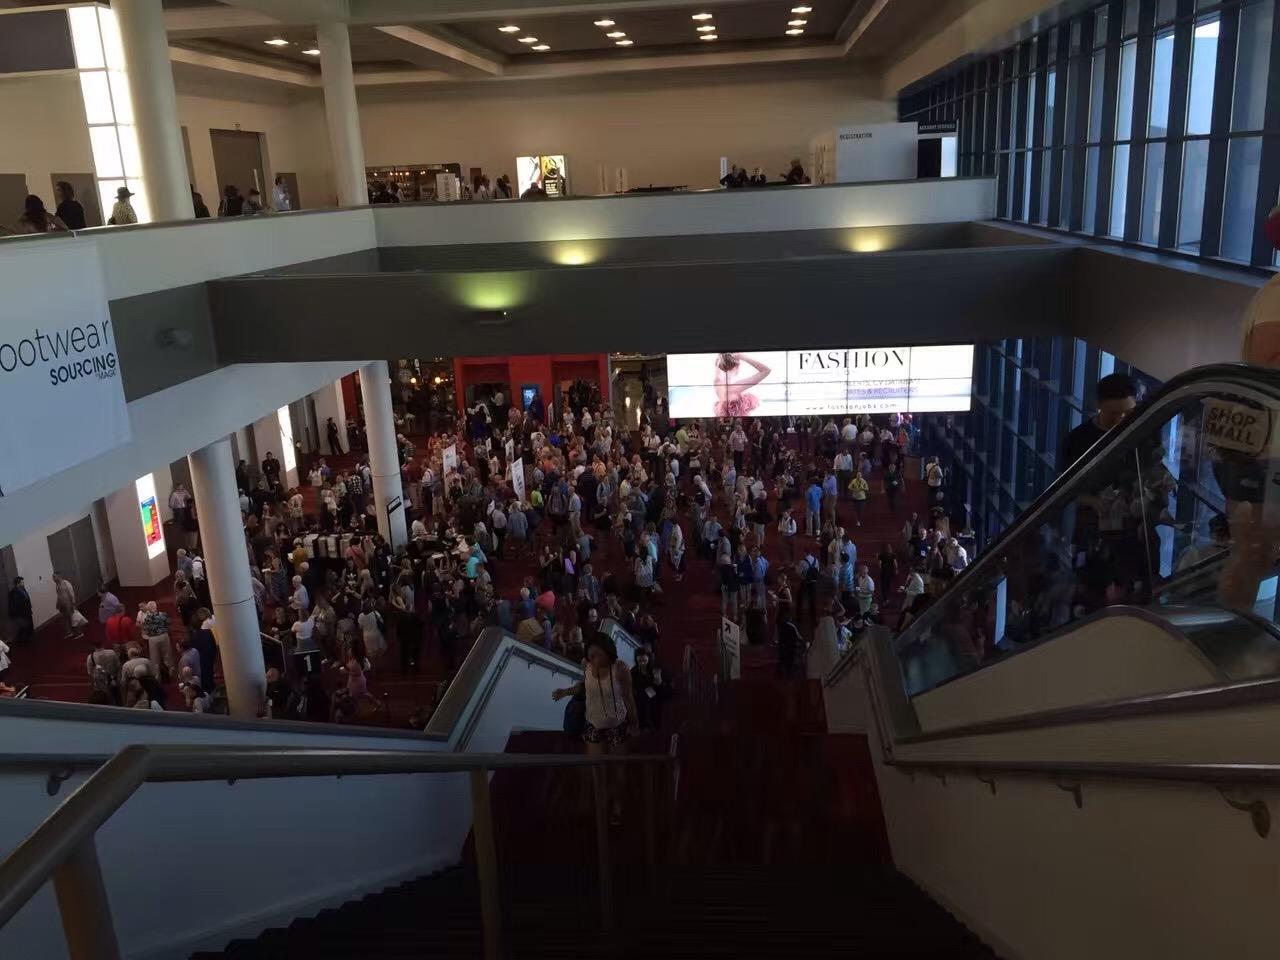 2017美国拉斯维加斯春季国际服装及面料展览会